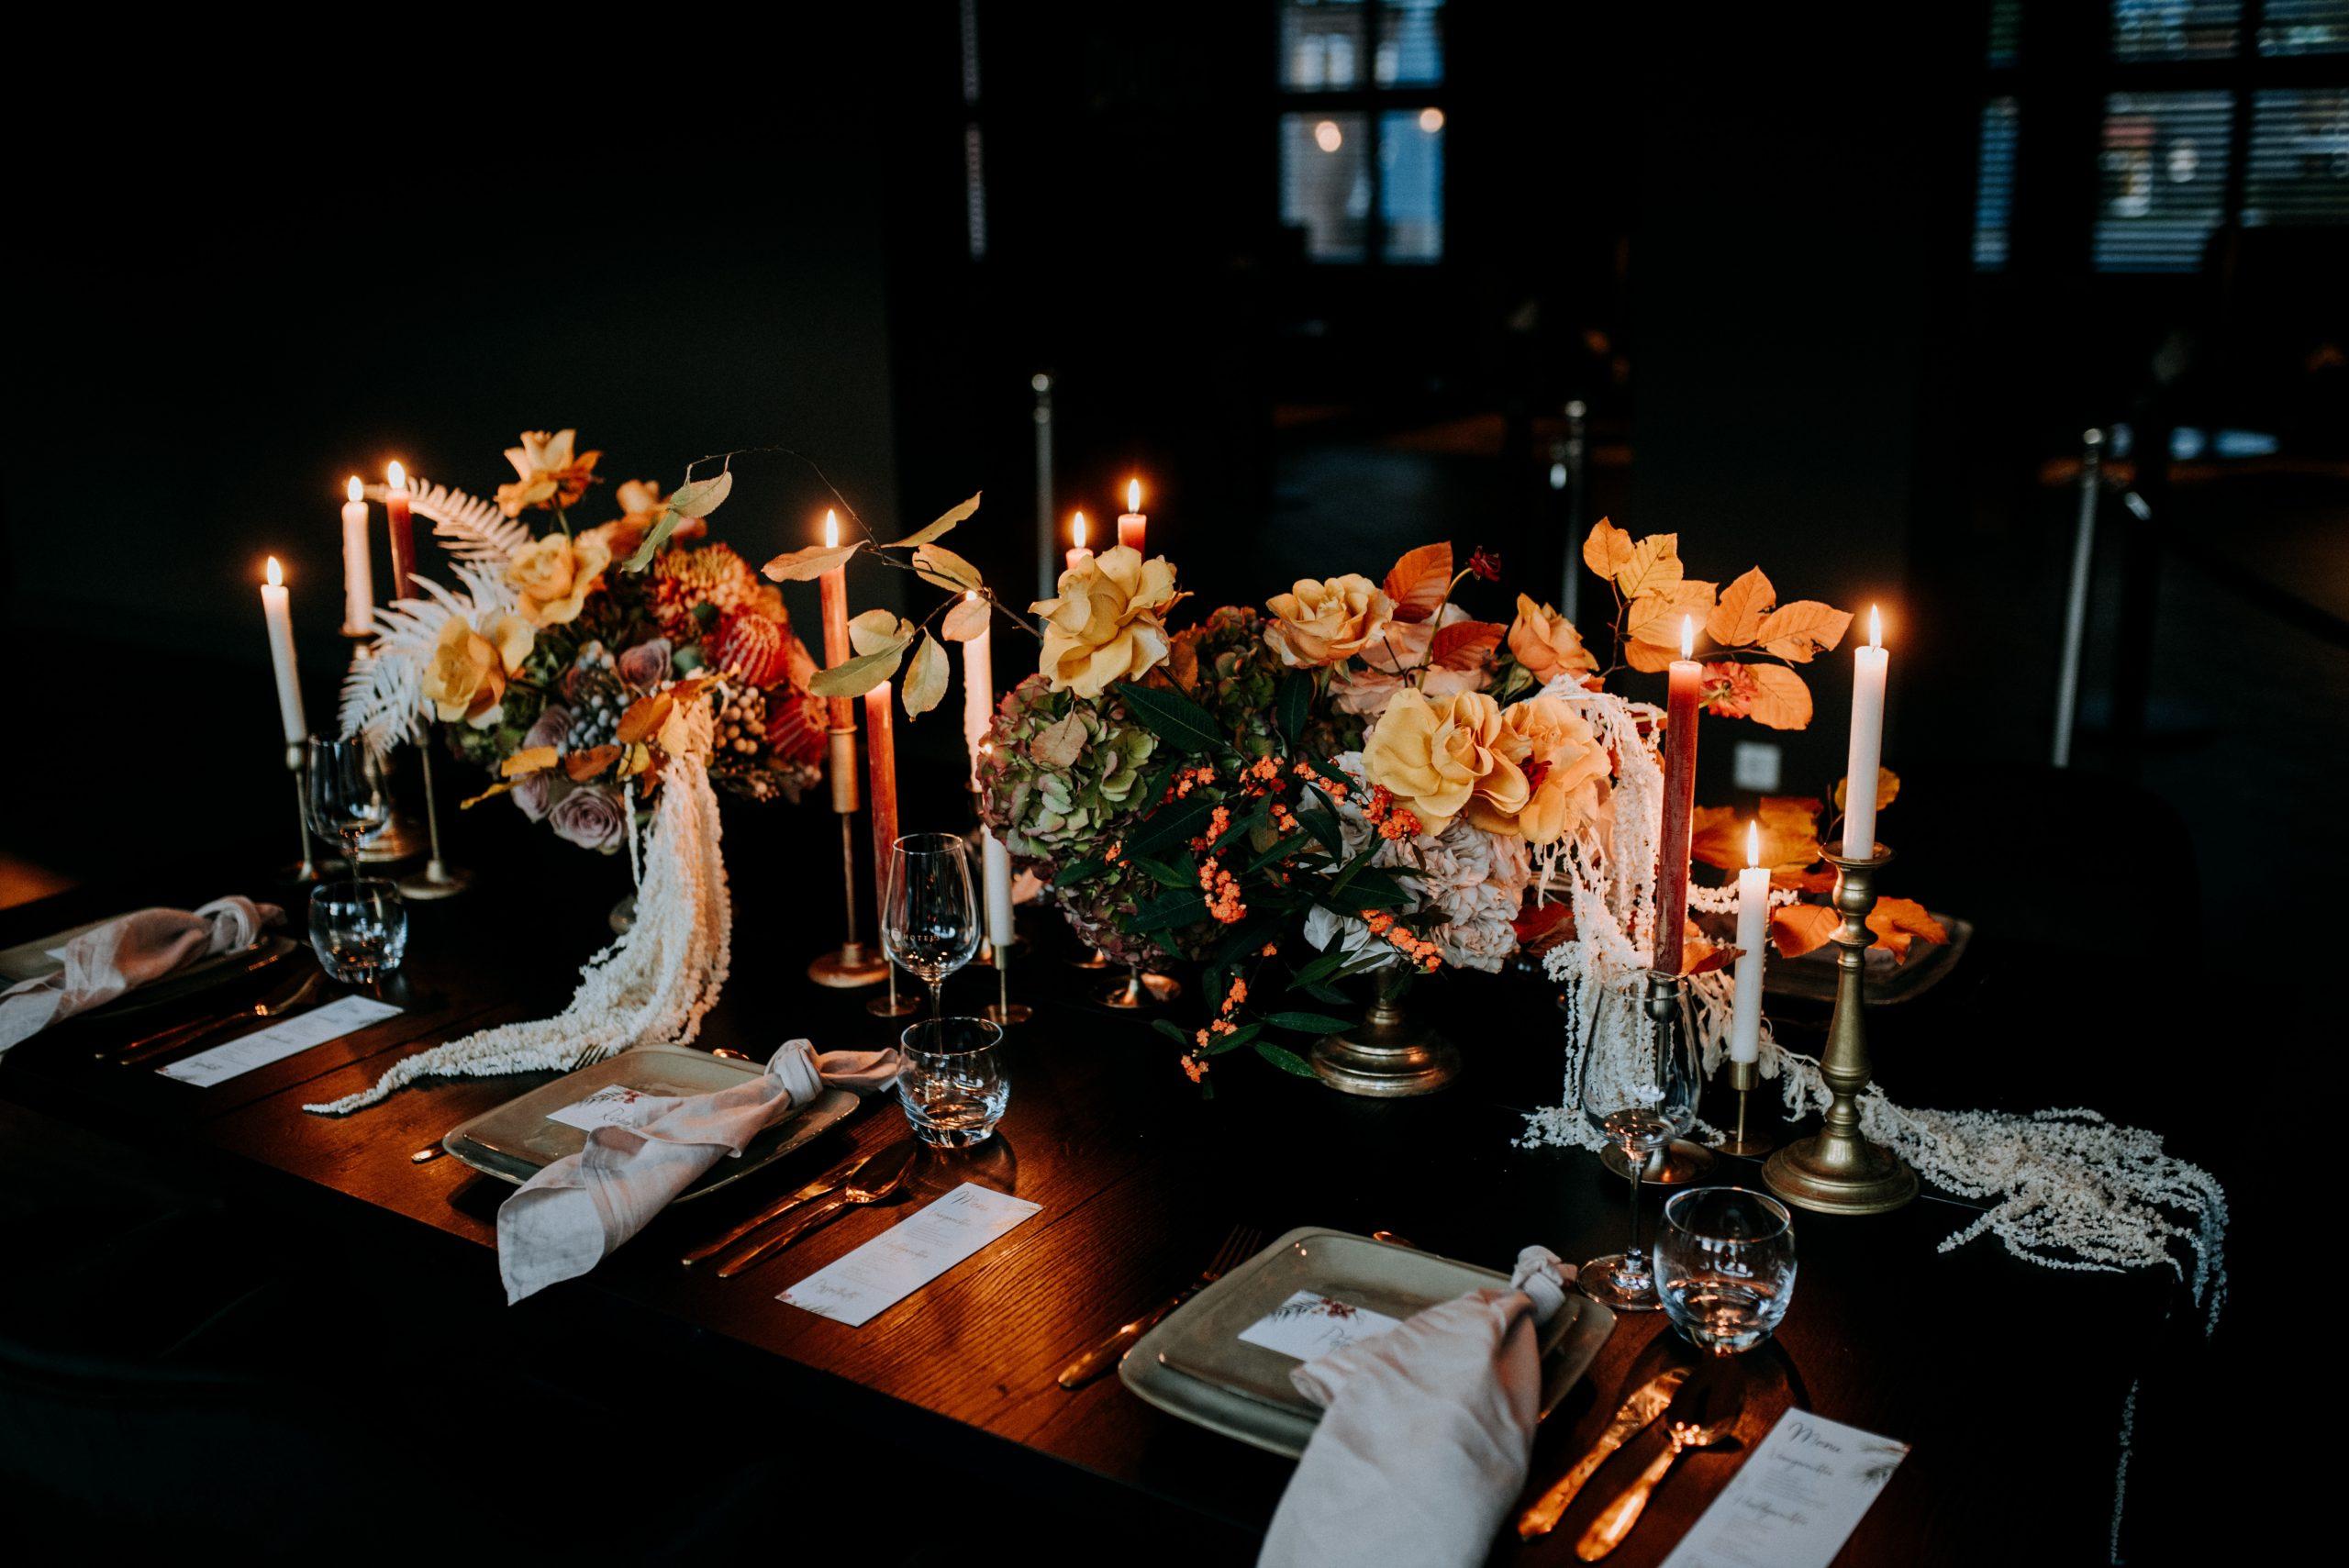 Trouwbeleving Online: van ceremonie in het Wereldmuseum tot diner en feest in Kloosterhotel Willeborghaeghe